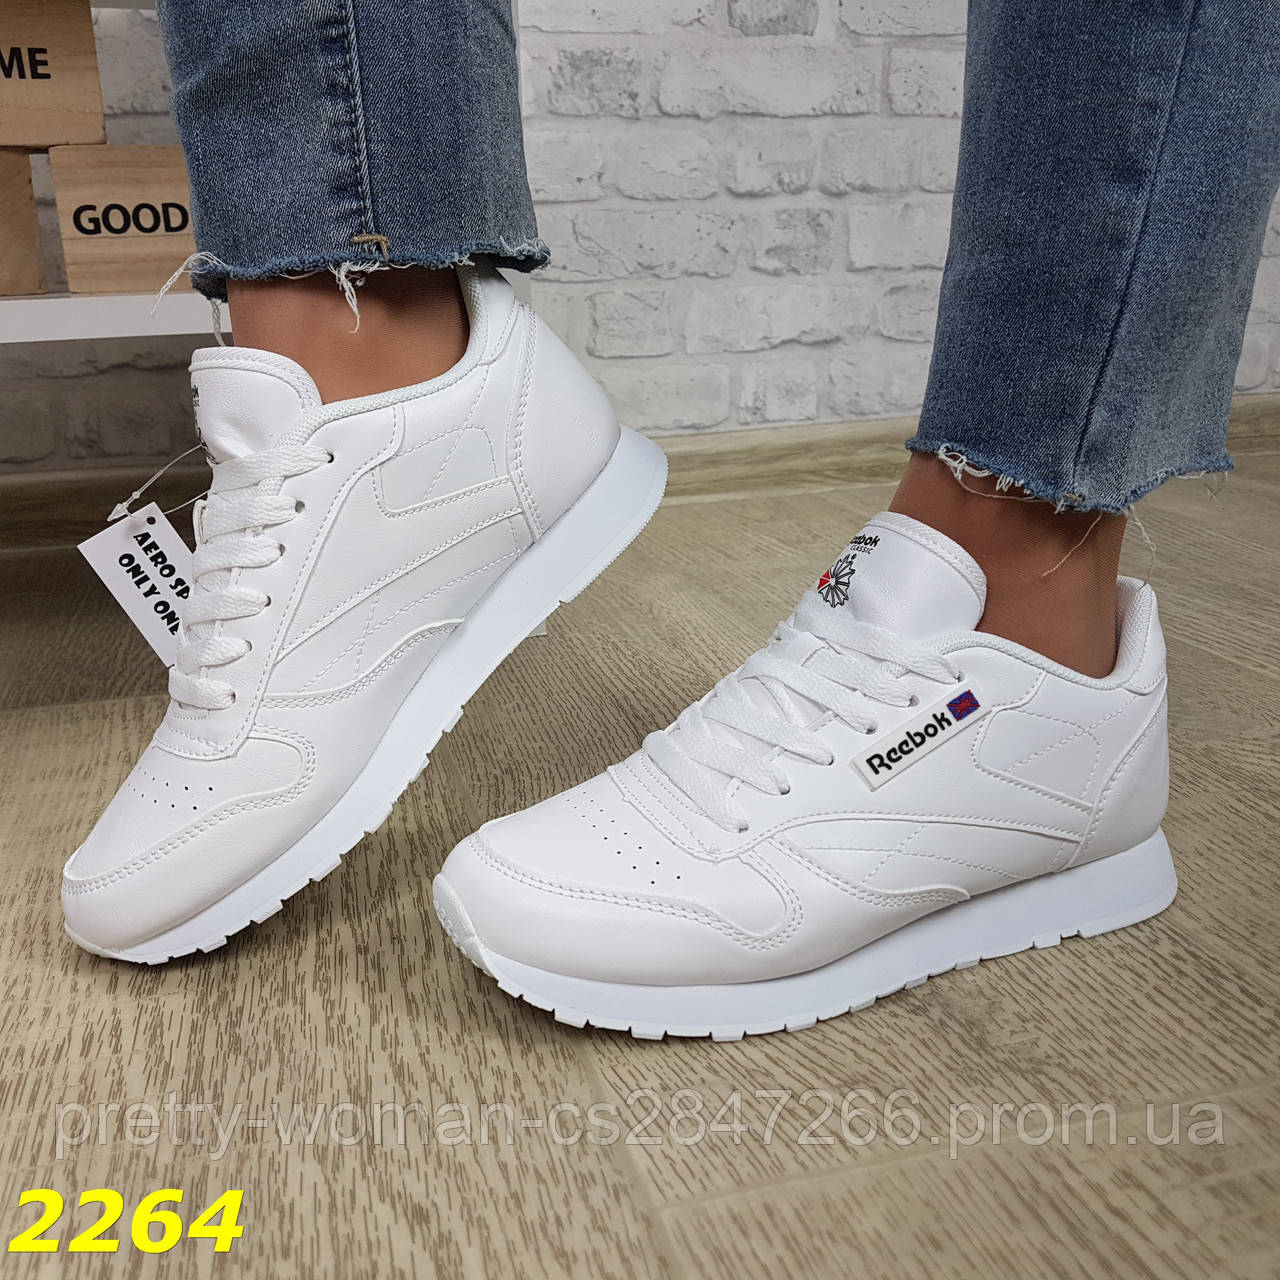 Кросівки білі класика